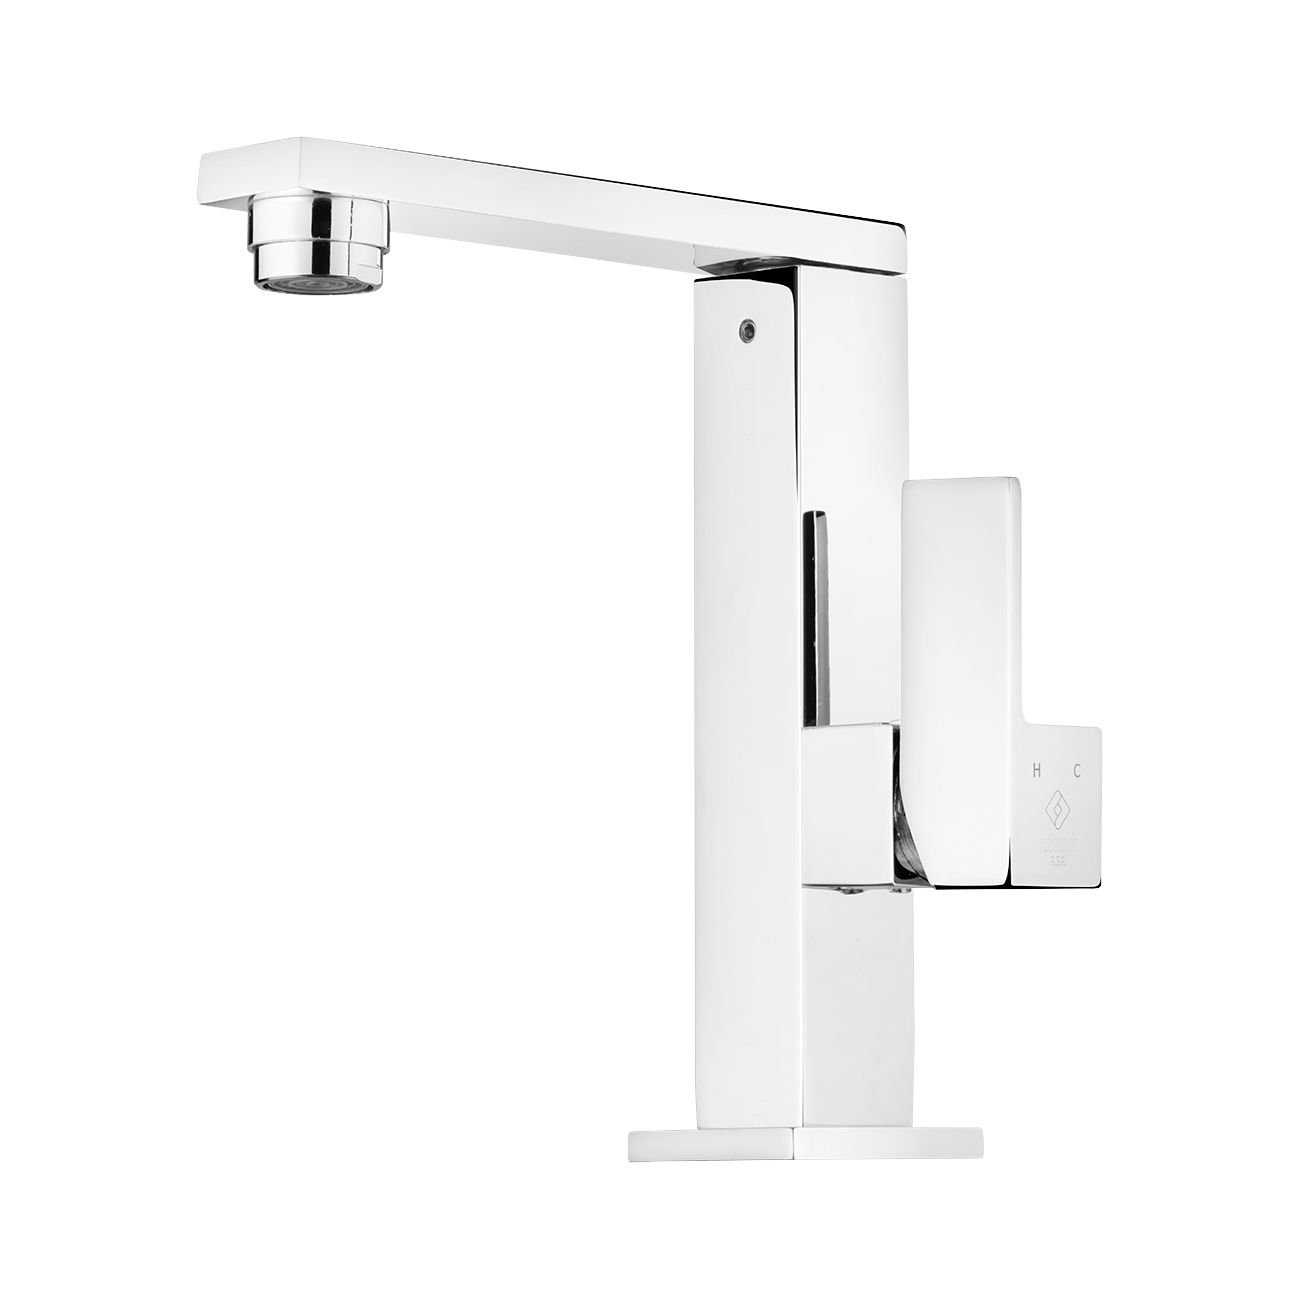 luxury faucet-best faucet